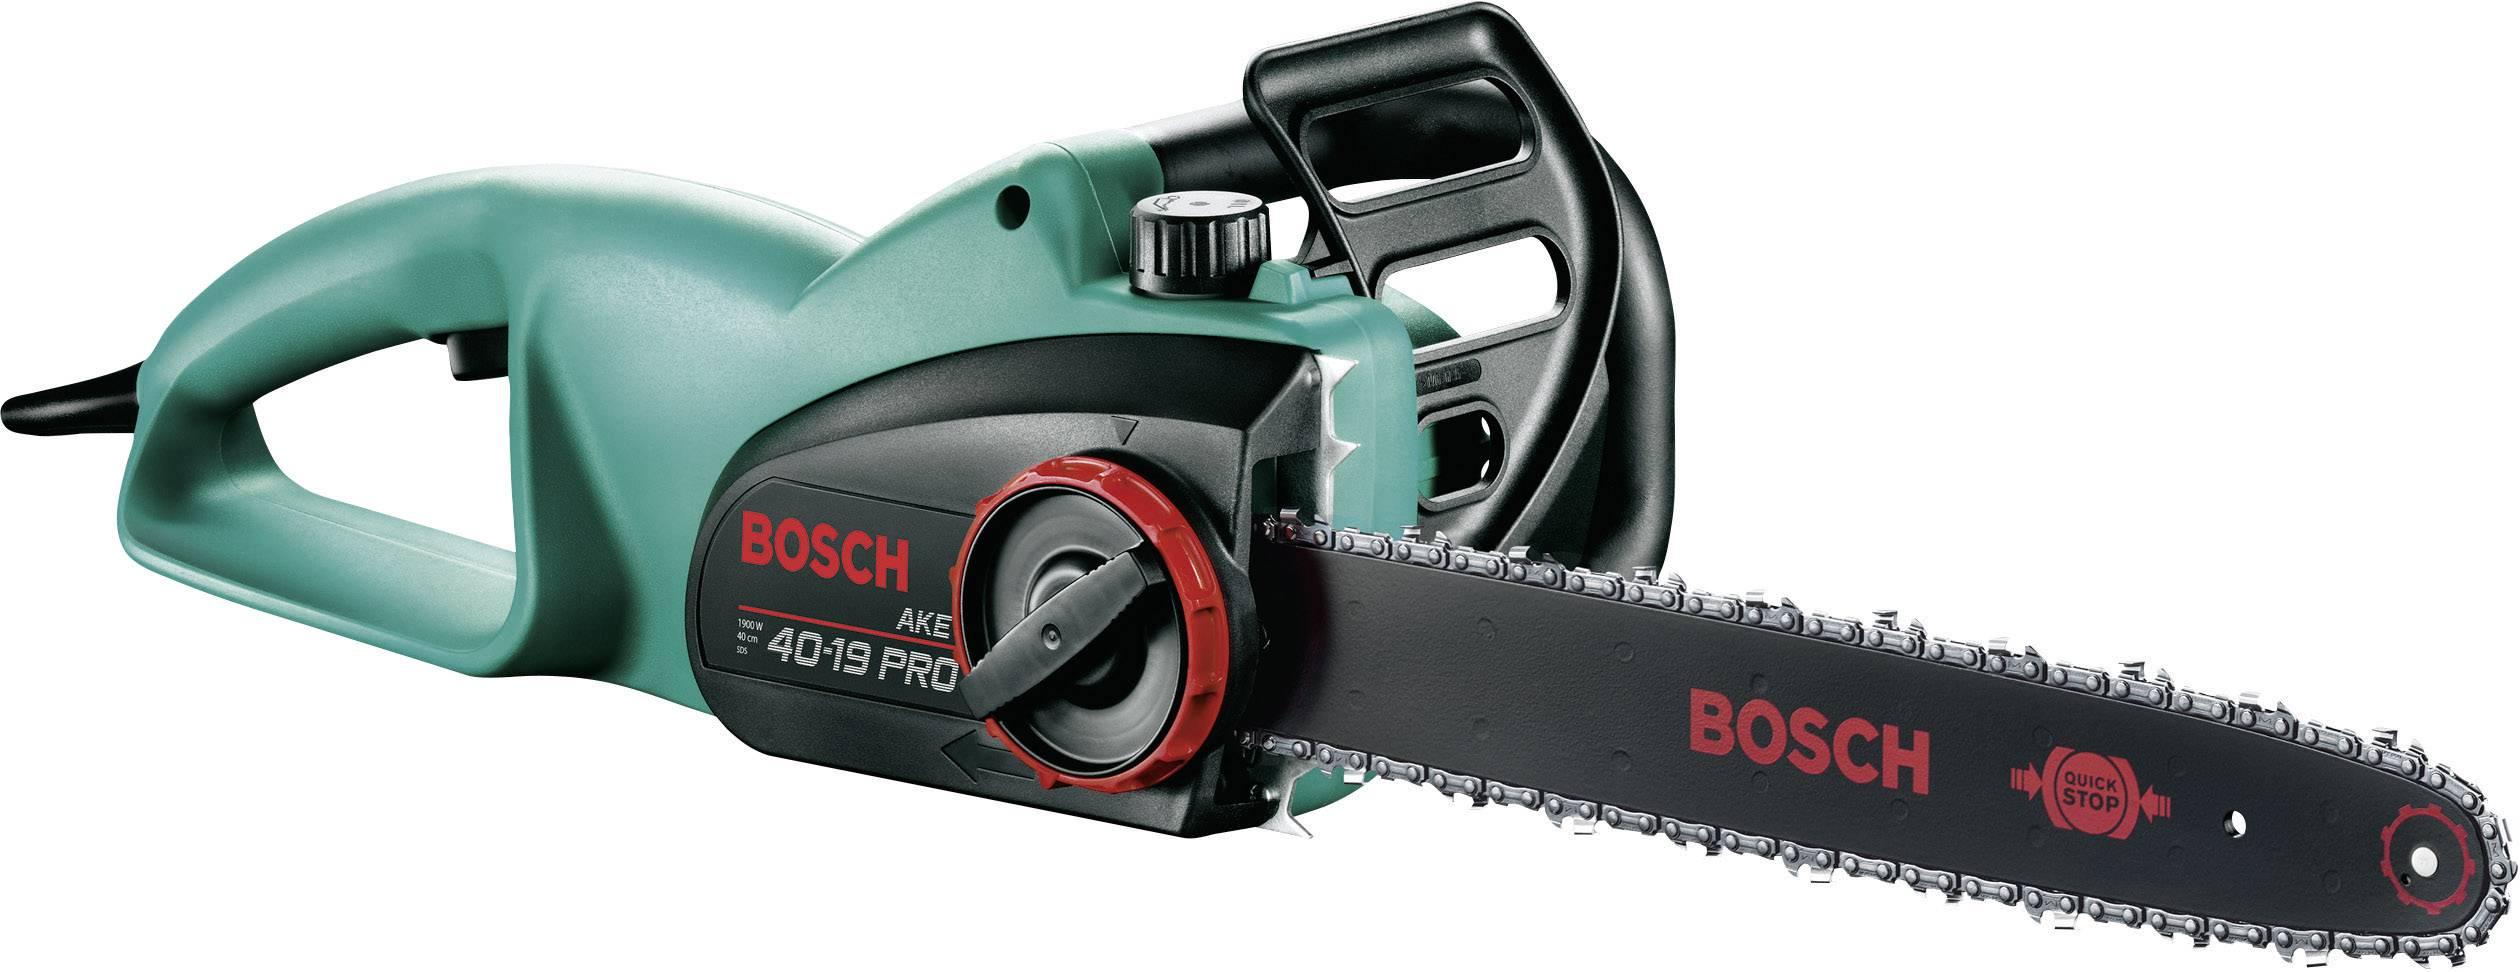 Elektrická řetězová pila Bosch Home and Garden AKE 40-19 PRO, délka čepele 400 mm